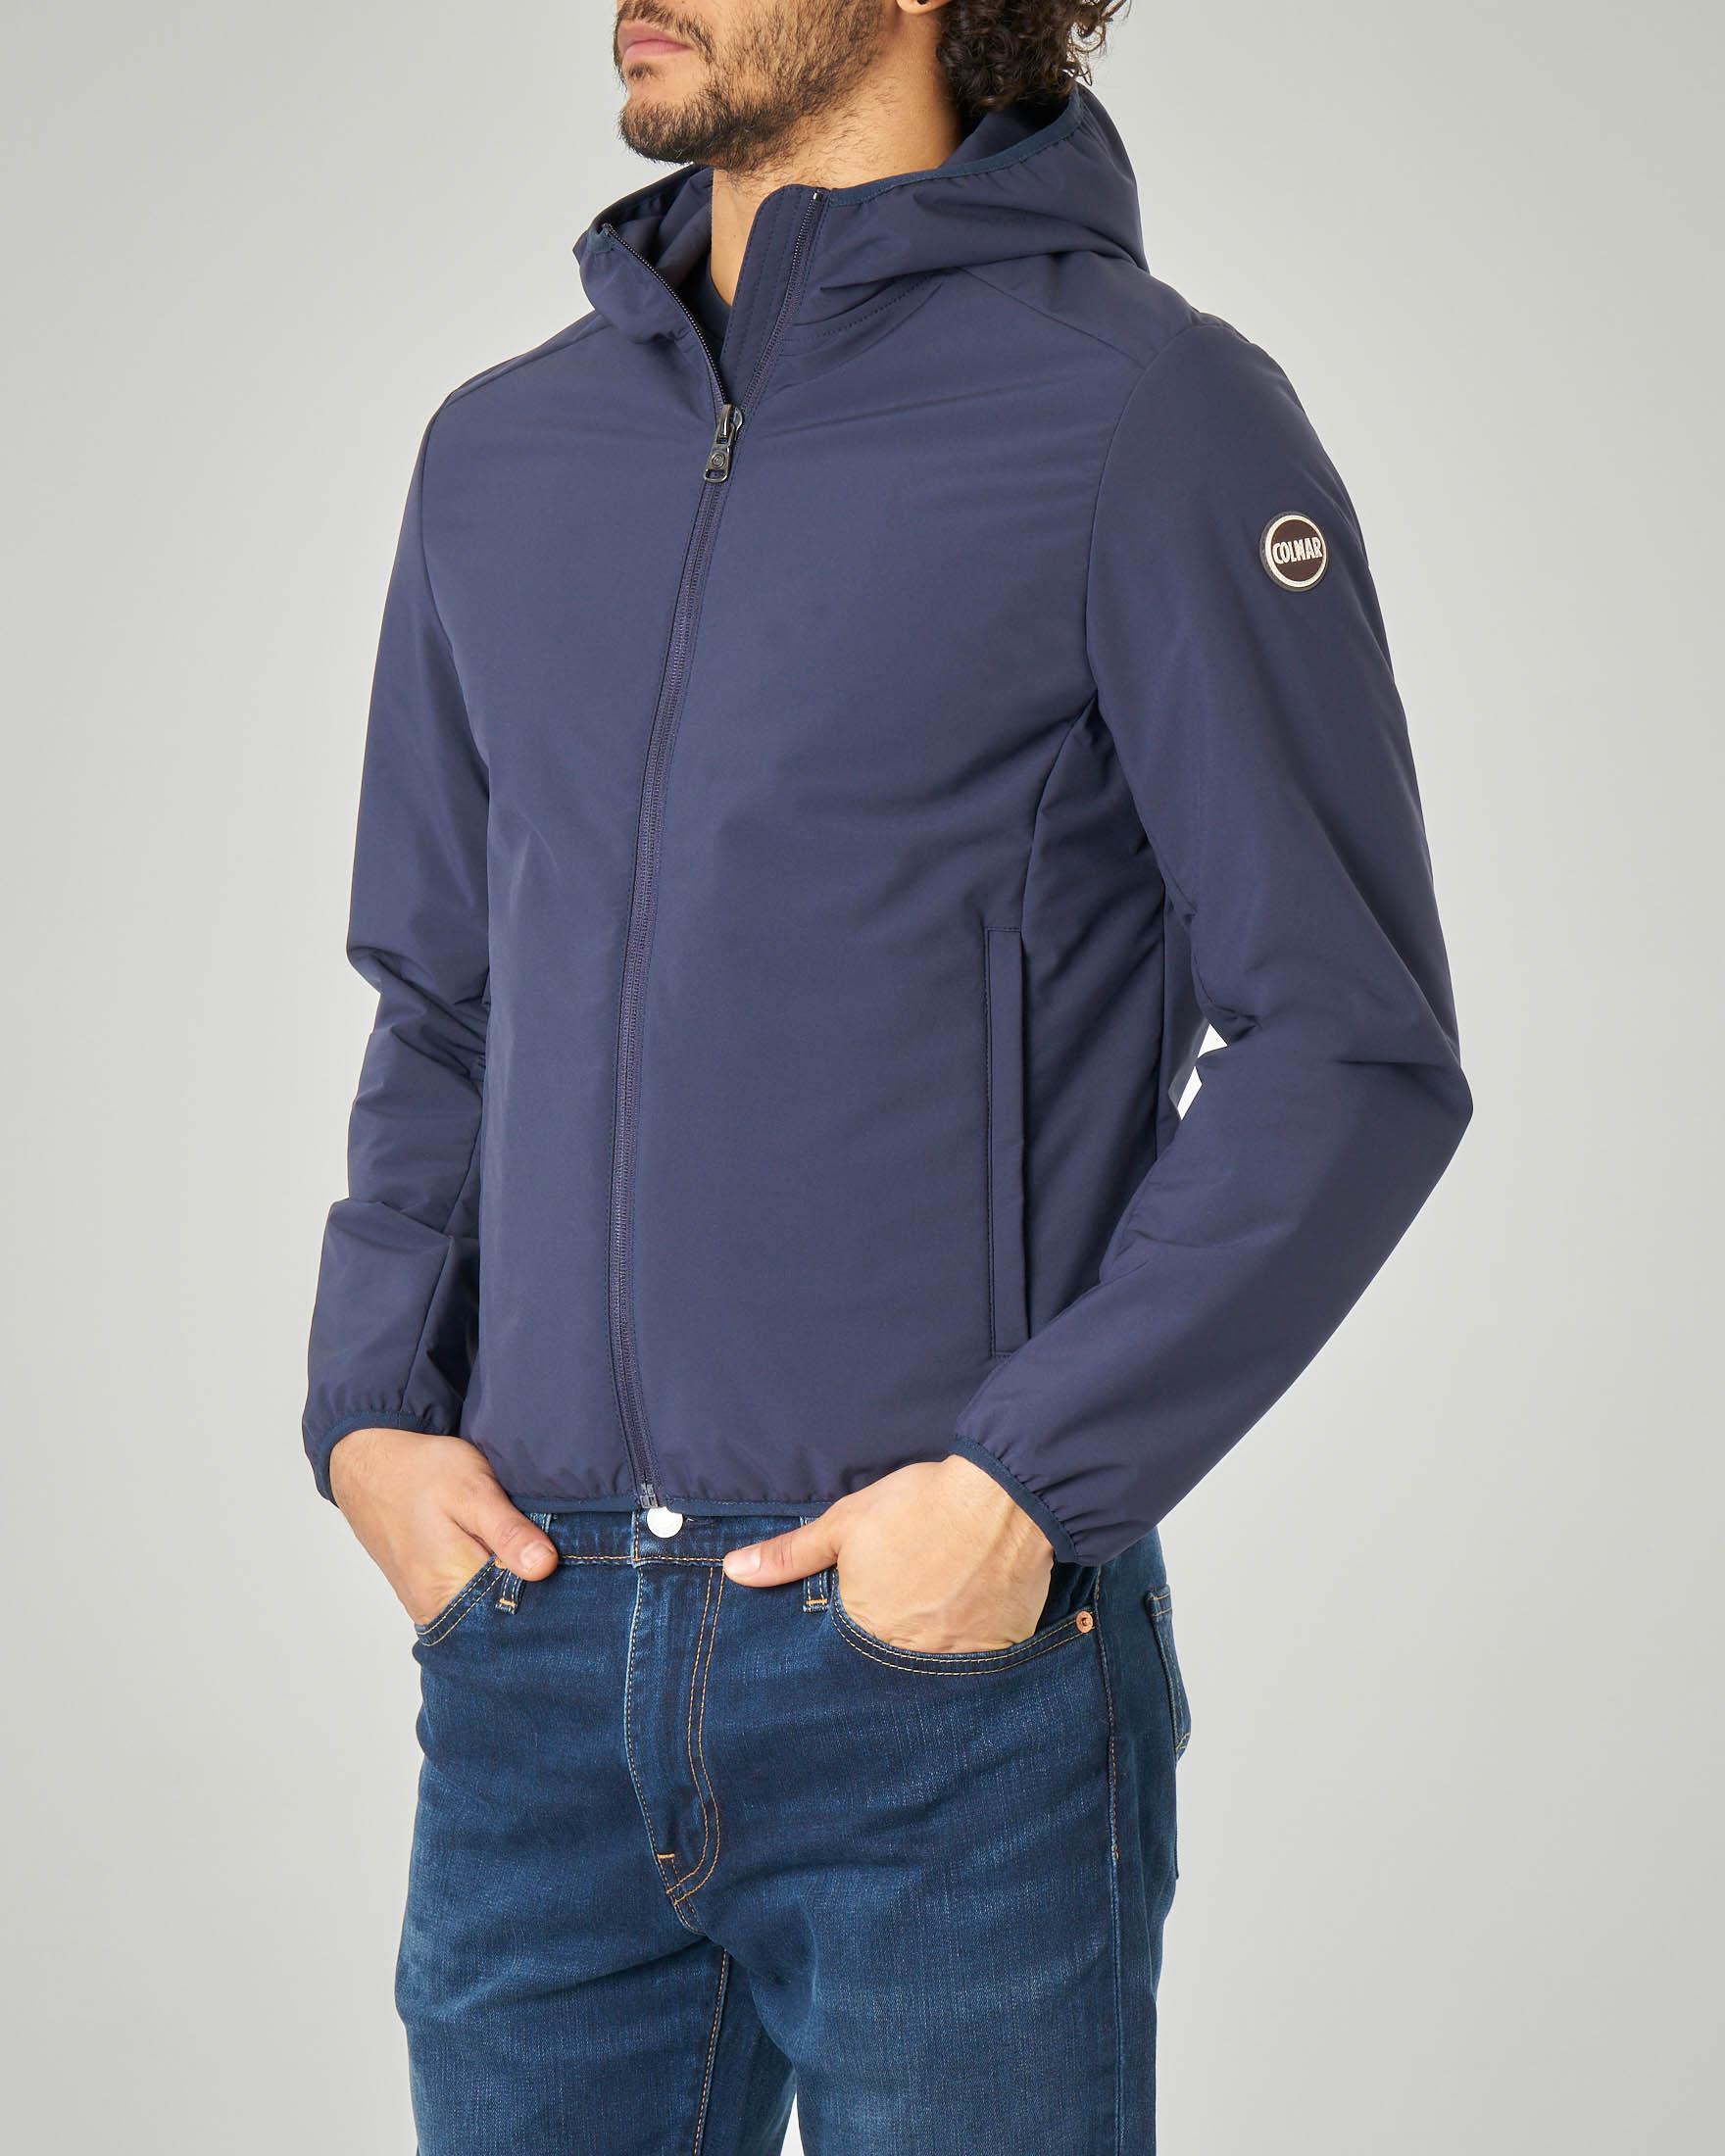 Giacca blu con cappuccio in tessuto tecnico